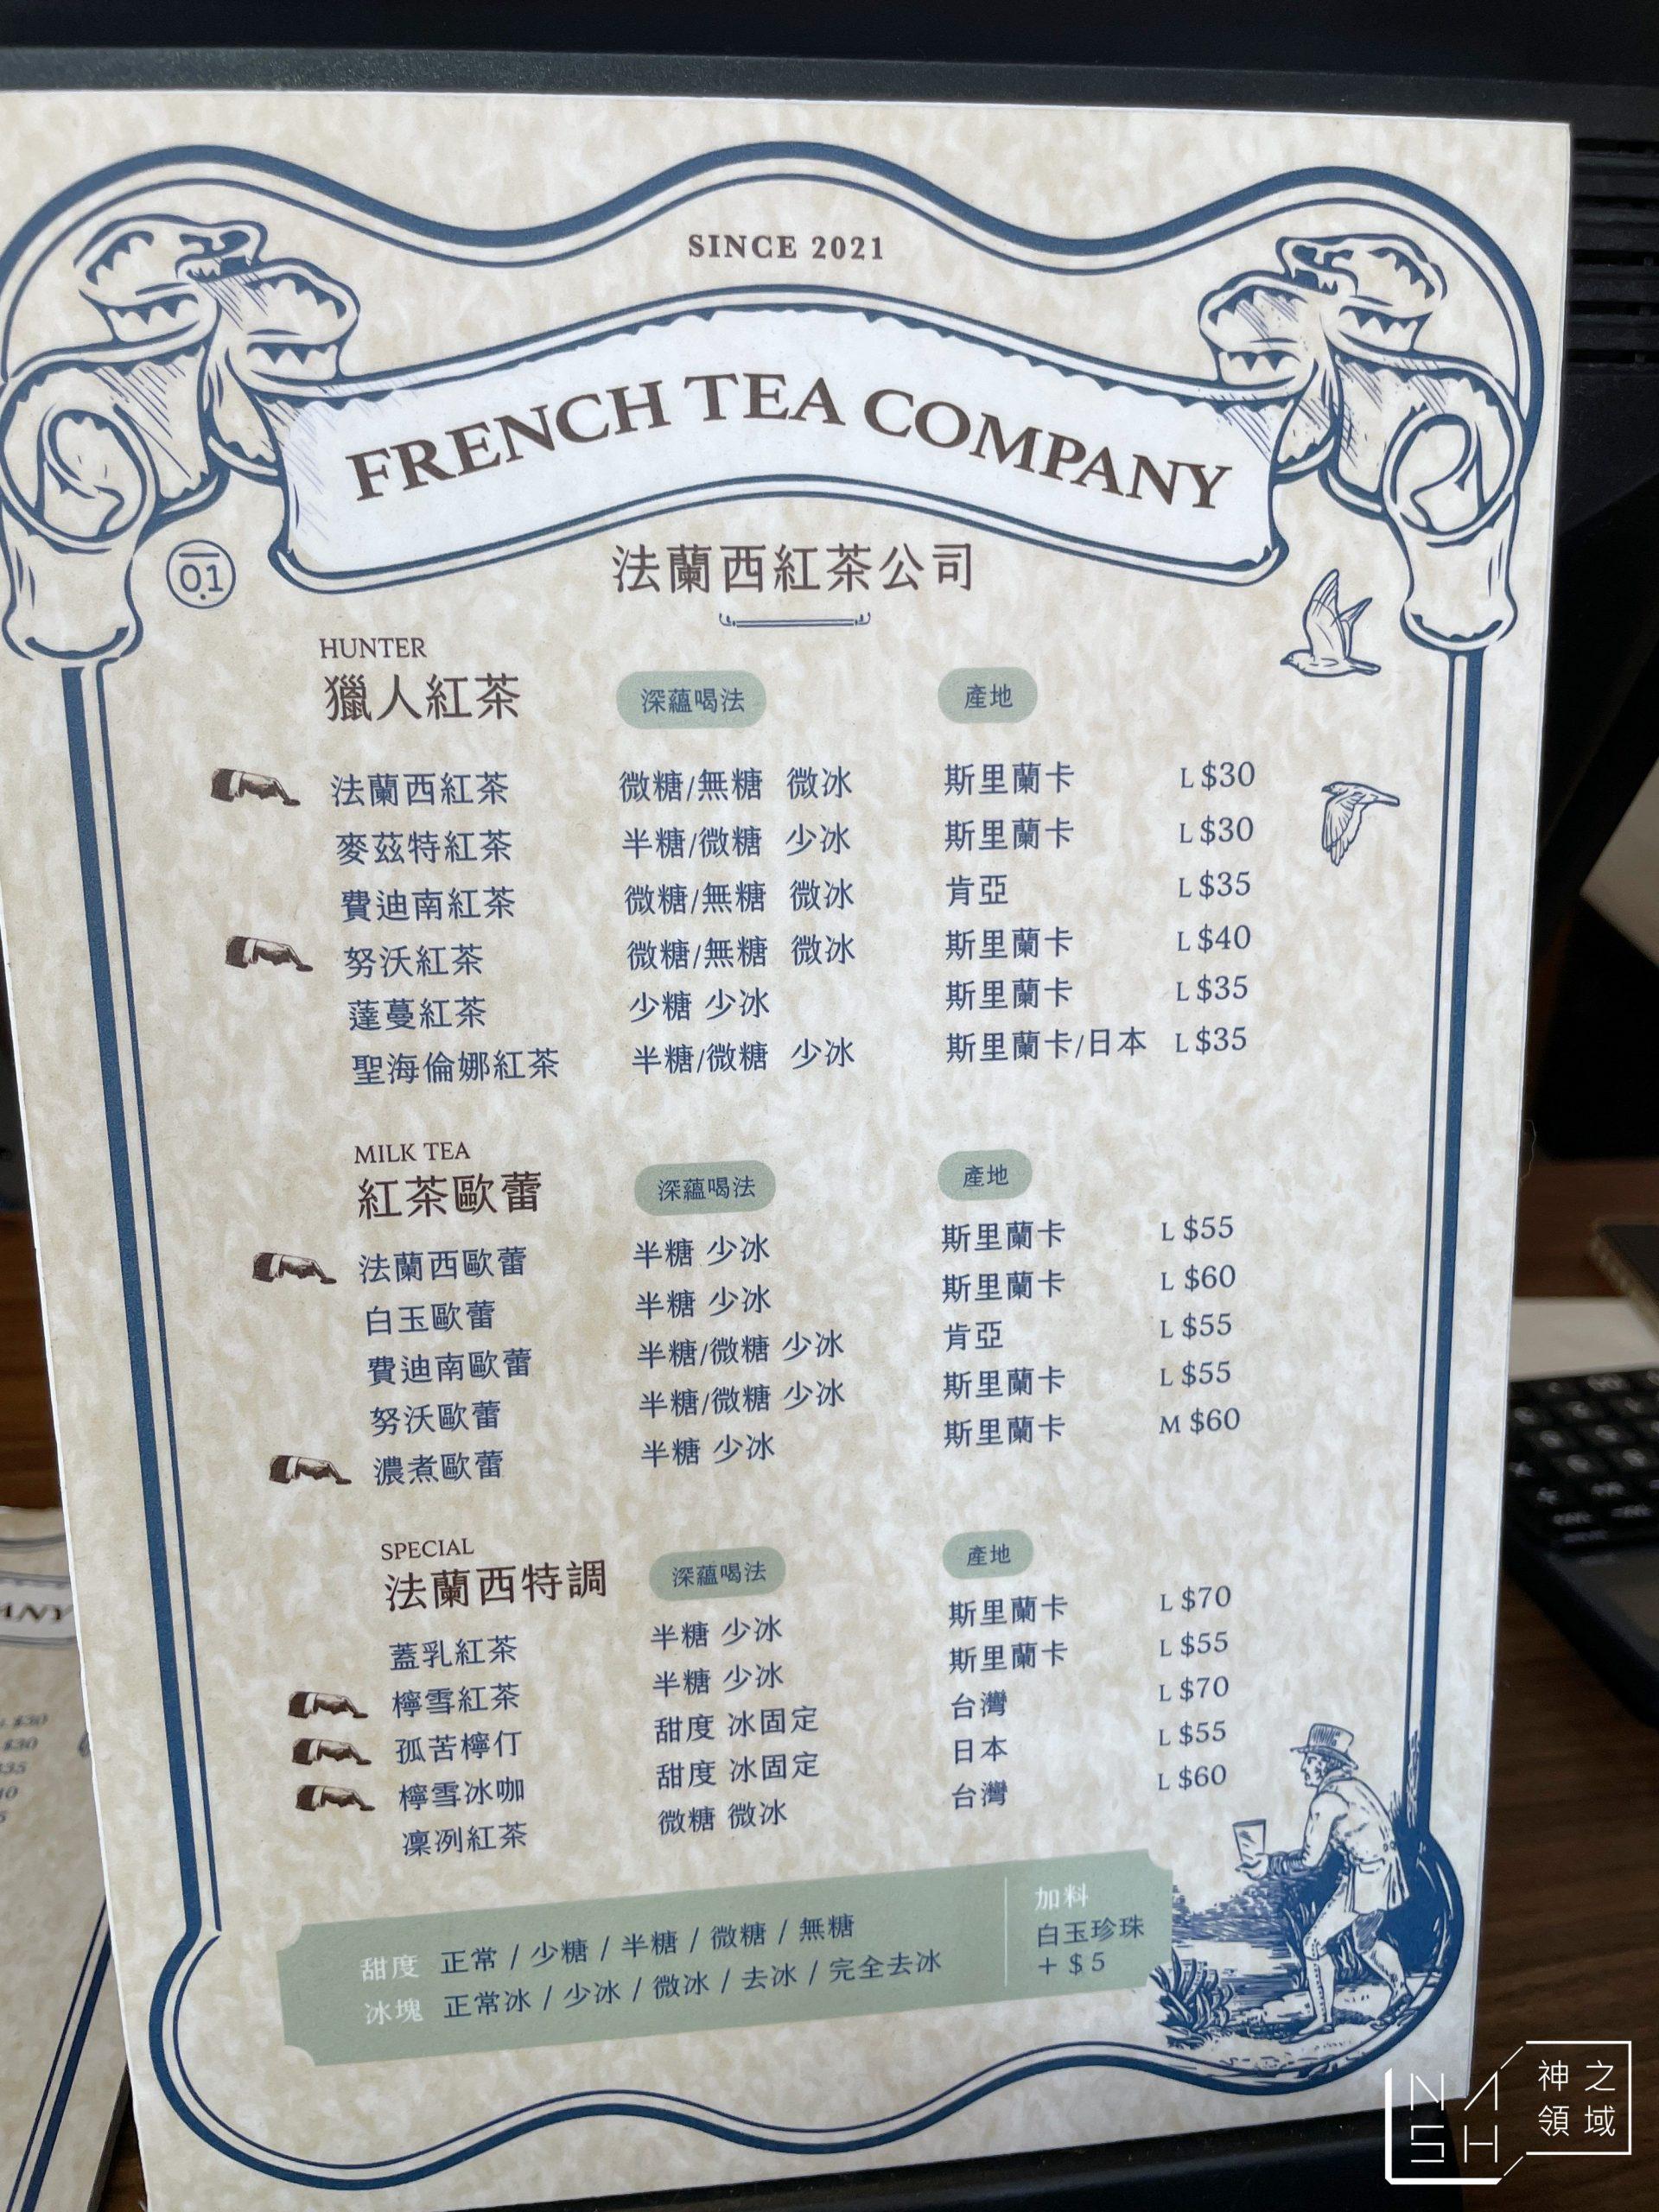 法蘭西紅茶公司